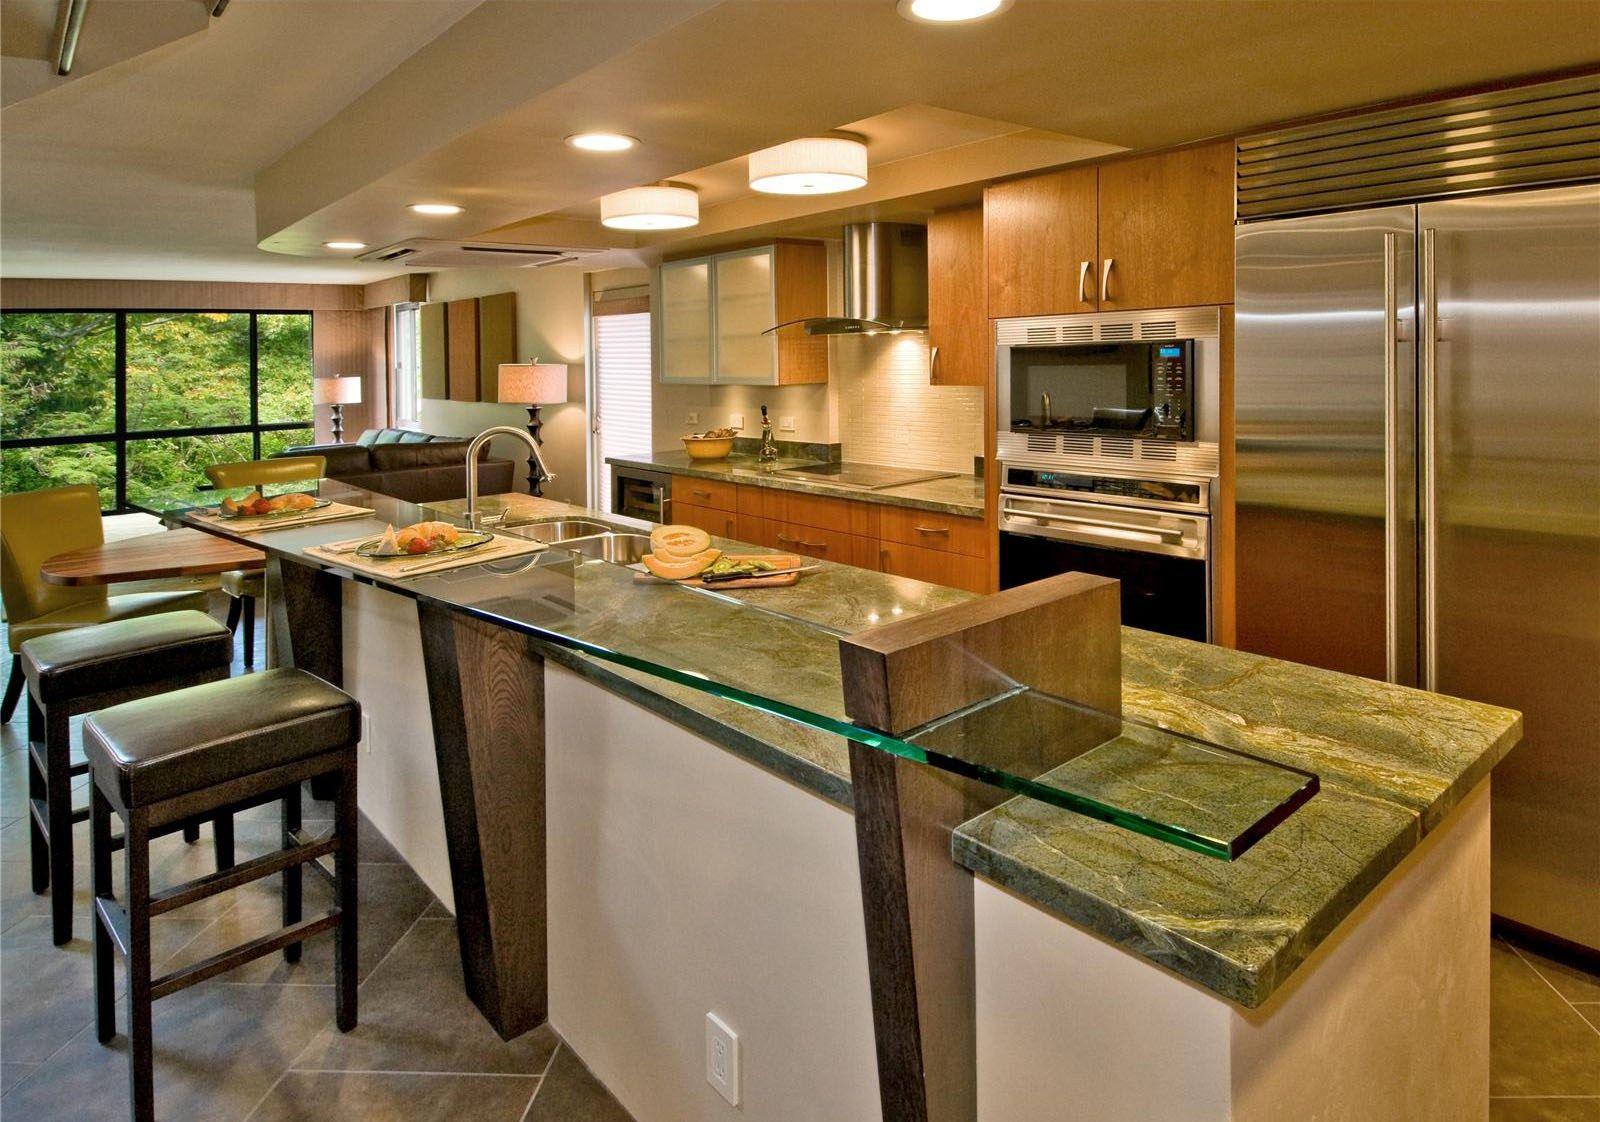 contemporary kitchen design ideas idesignarch interior design vastu shastra kitchen design spacio furniture kitchen design